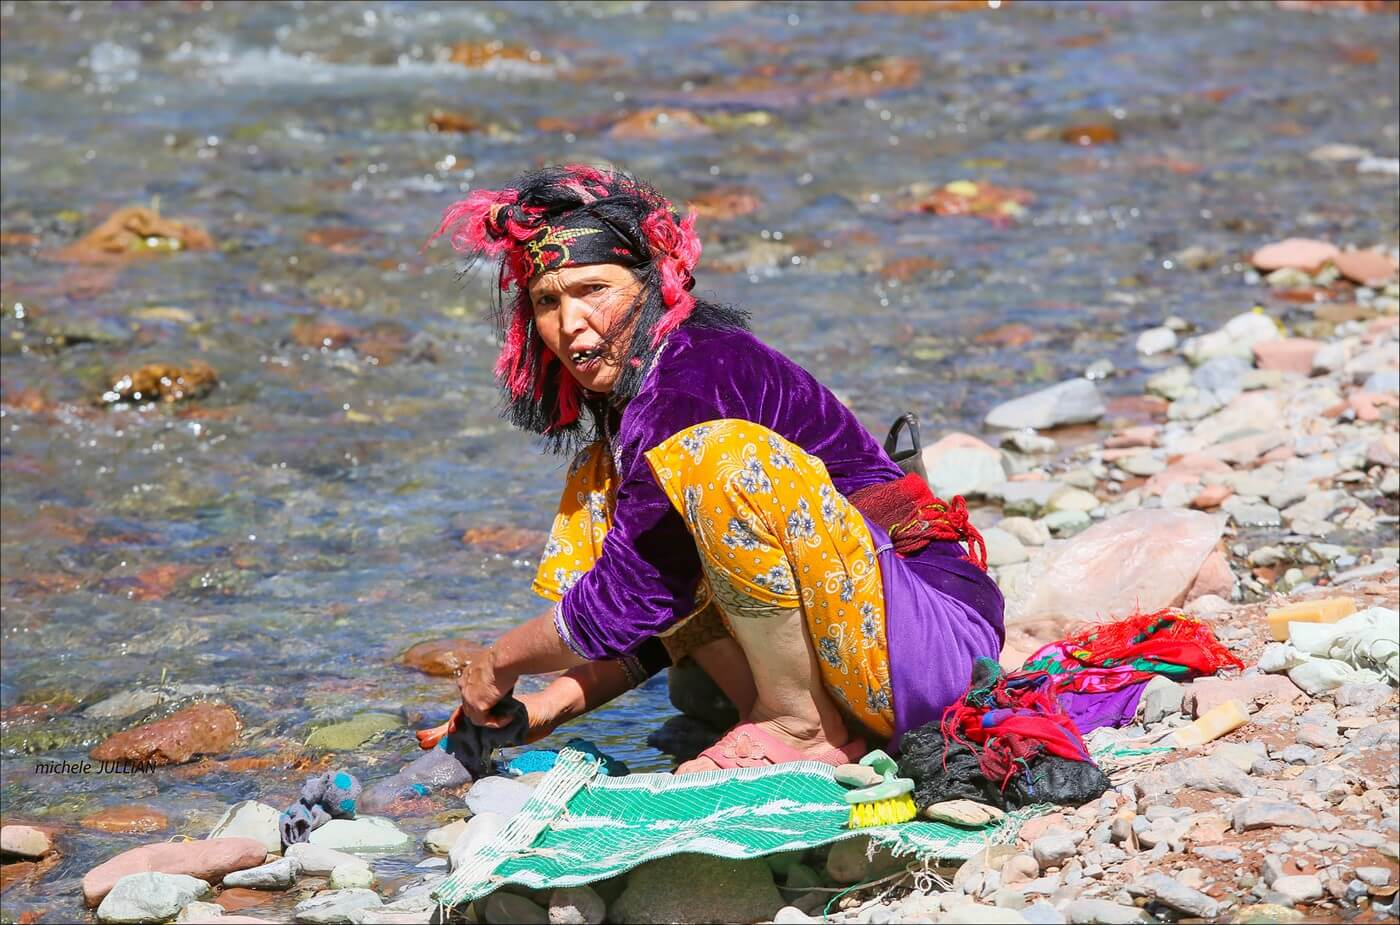 femme berbère lavant son linge dans une rivière au maroc